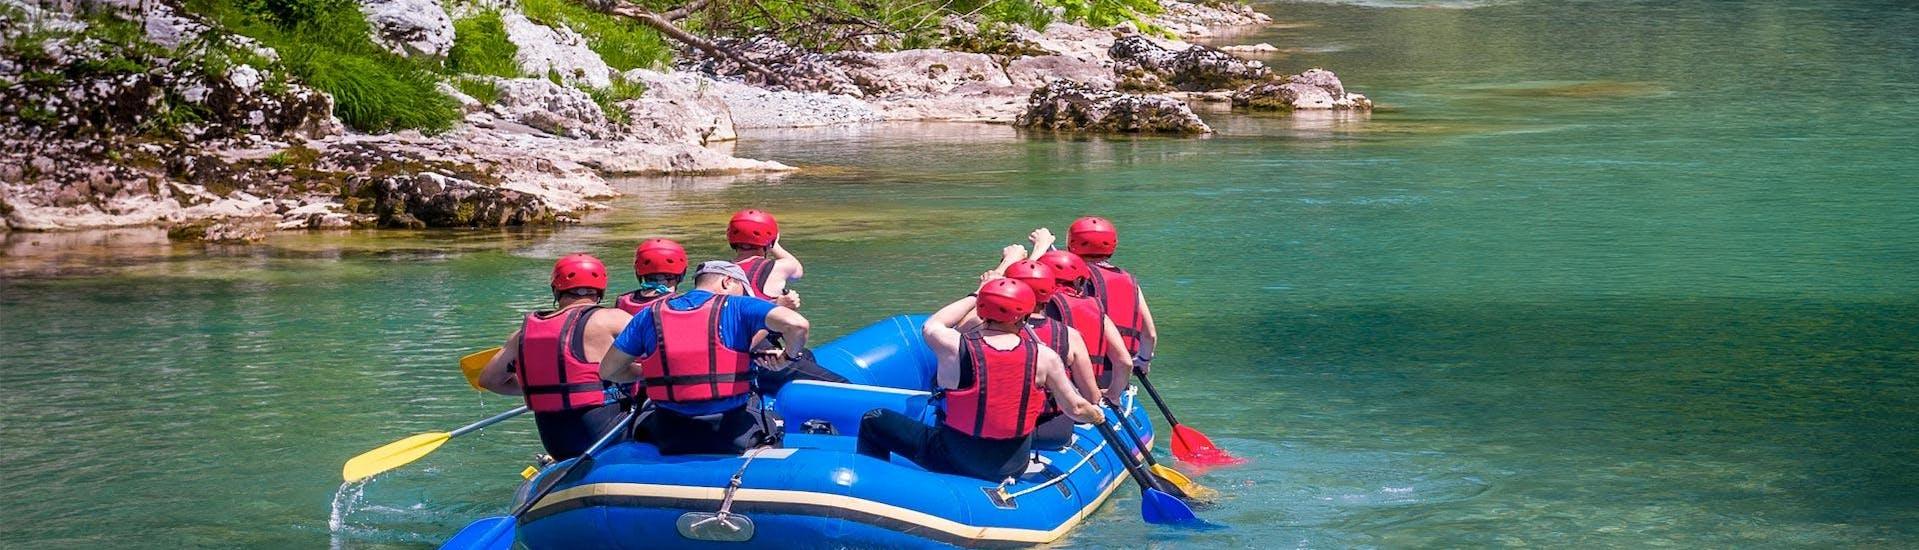 rafting-action-rhone-valrafting-hero